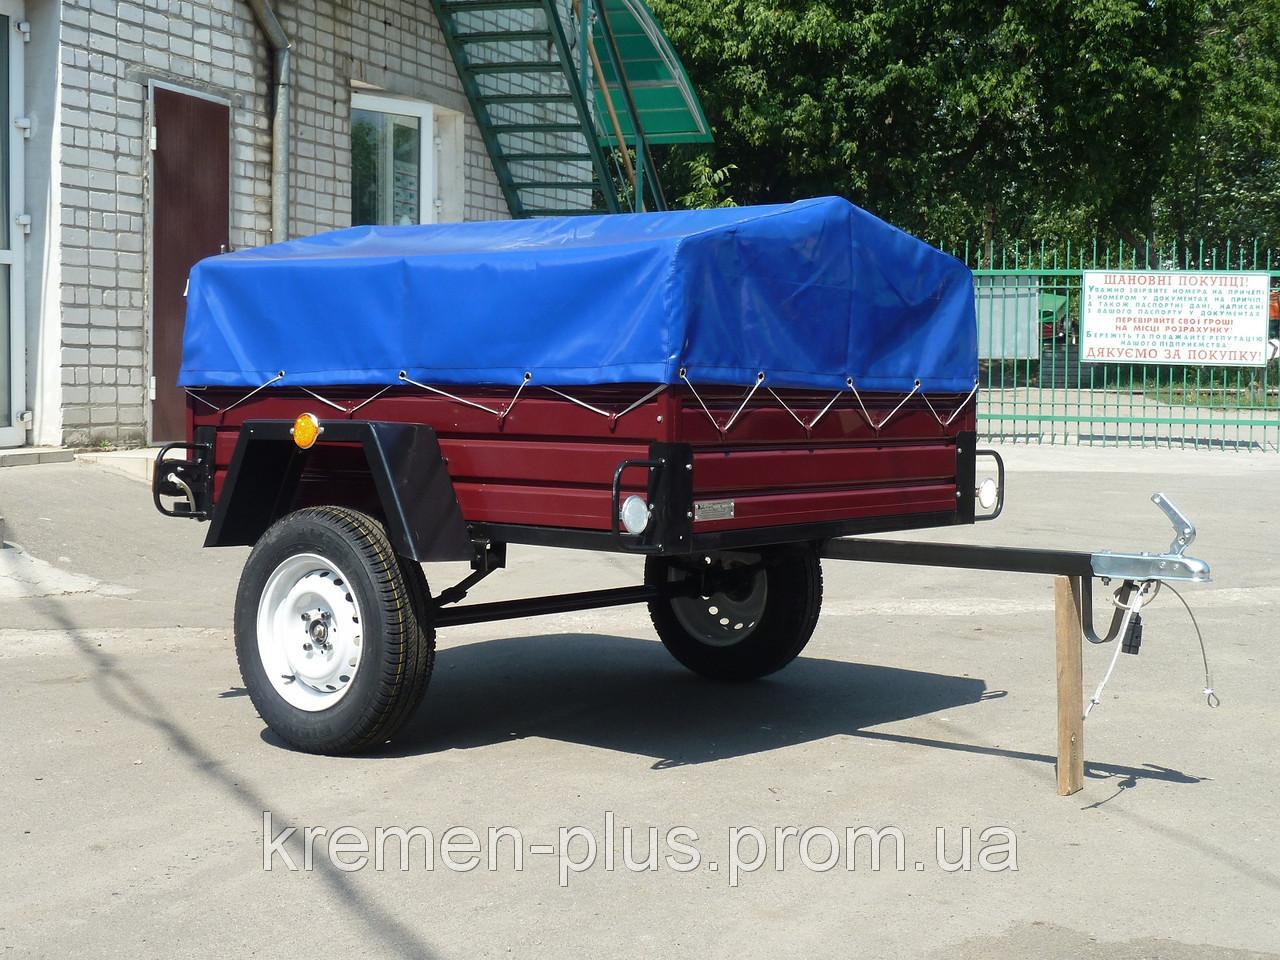 Продам одноосный легковой прицеп в Луцке для автомобиля, фото 1